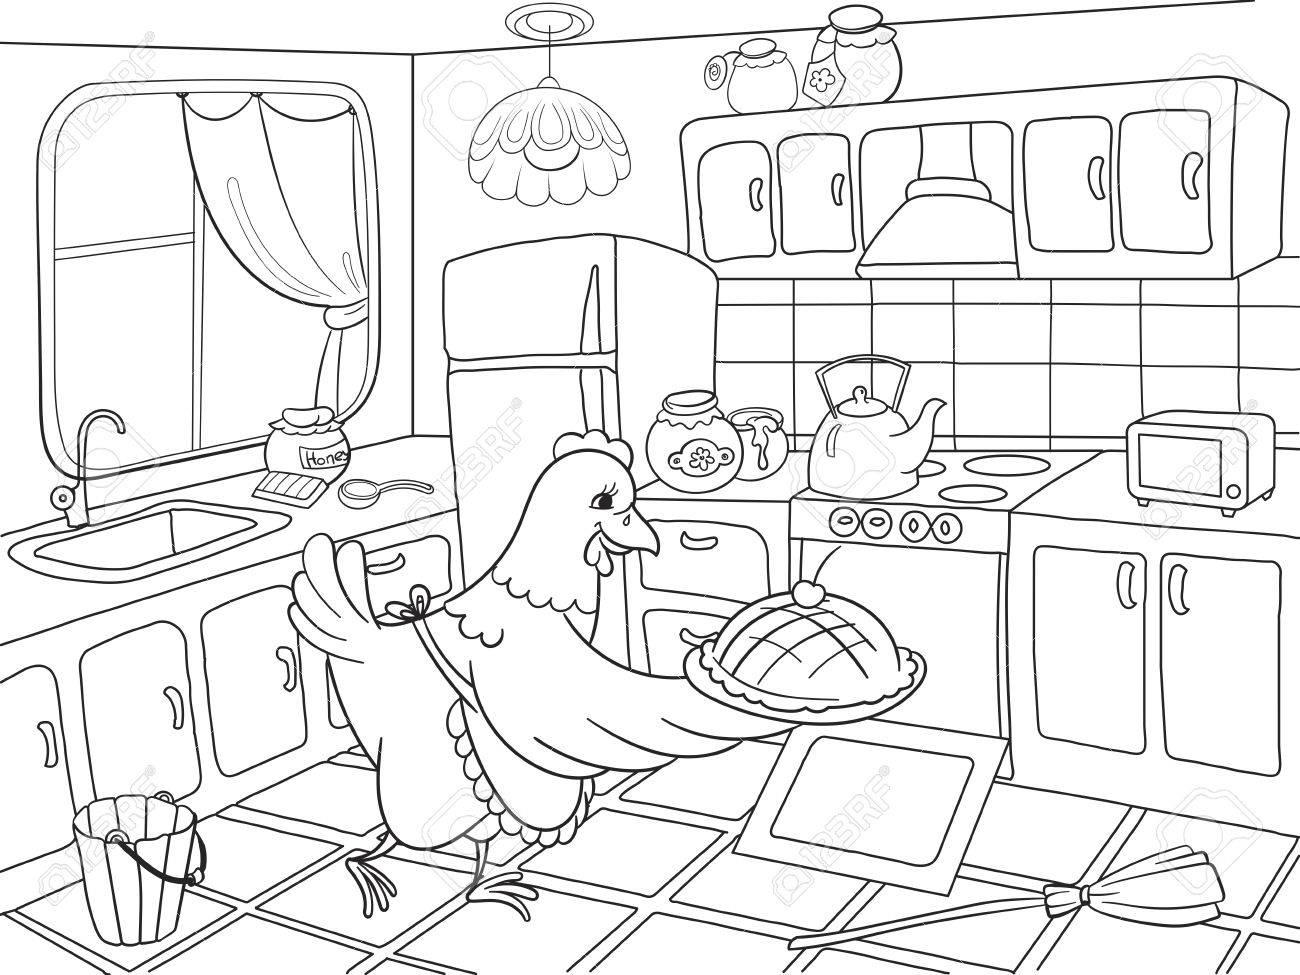 Mom Poulet Cuisine Prepare Nourriture Famille Coloriage Livre Enfants Dessin Anime Vecteur Illustration